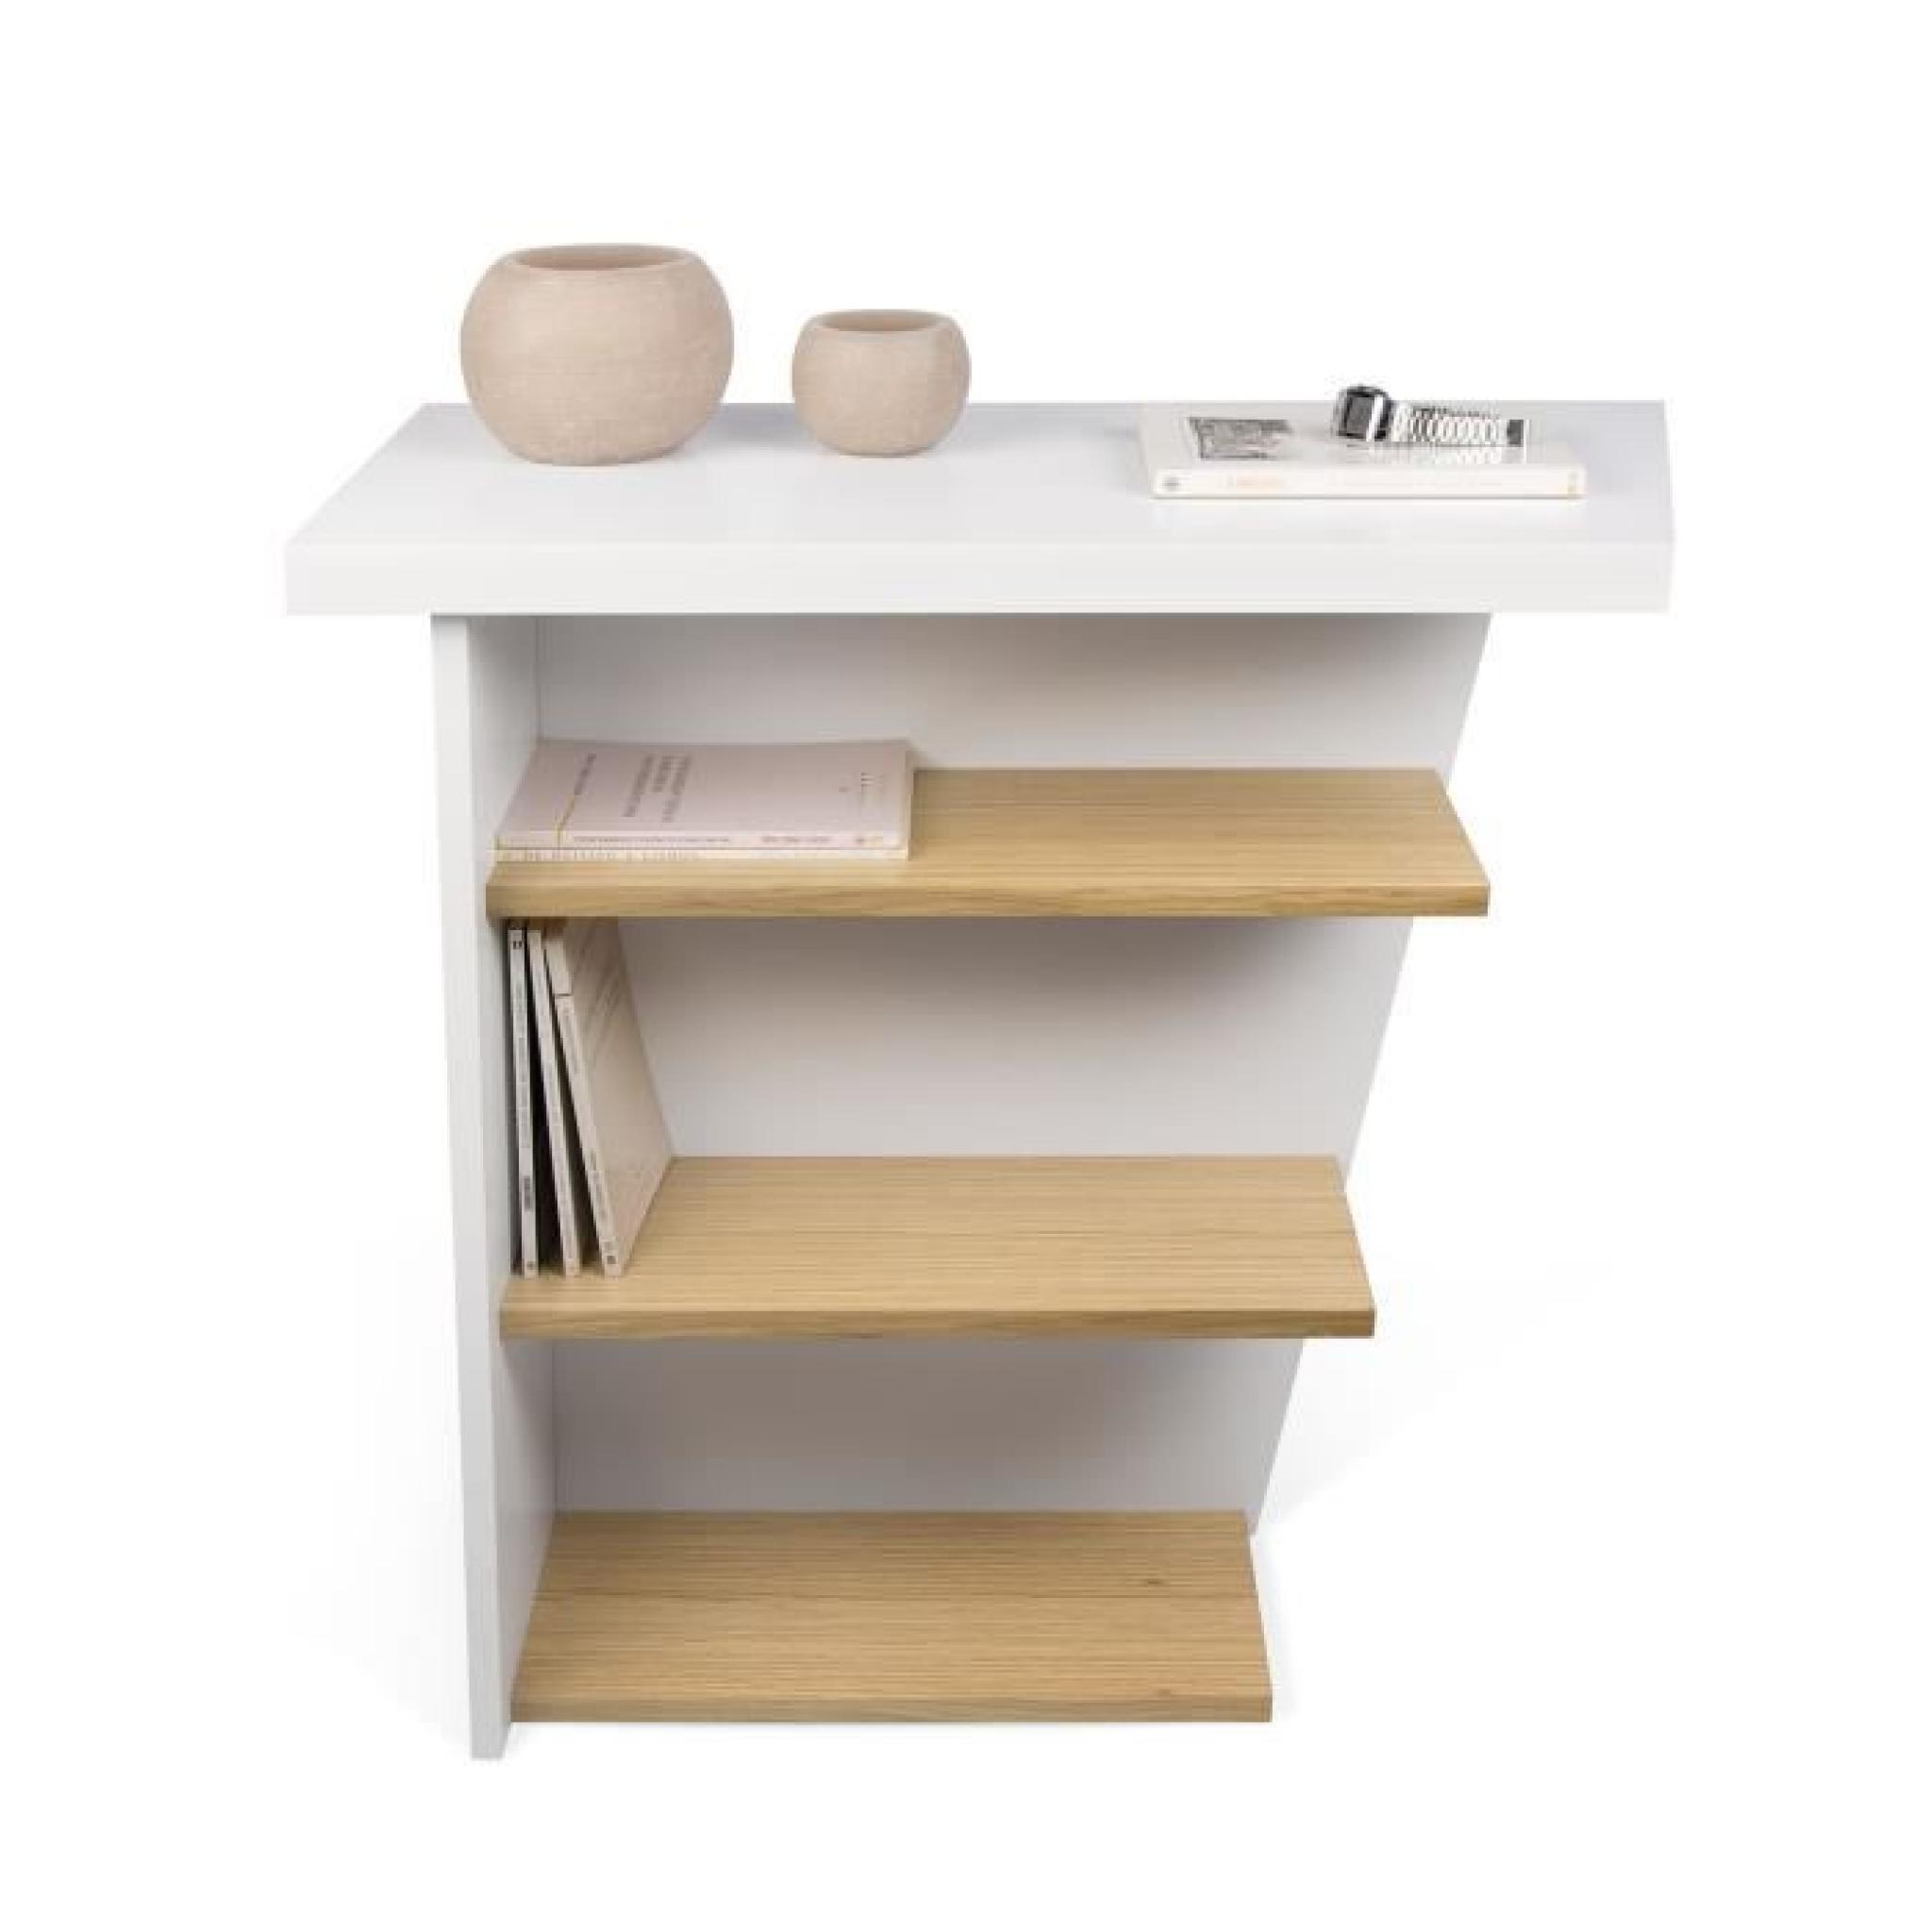 pise console d 39 entr e 3 tag res achat vente console meuble pas cher couleur et. Black Bedroom Furniture Sets. Home Design Ideas